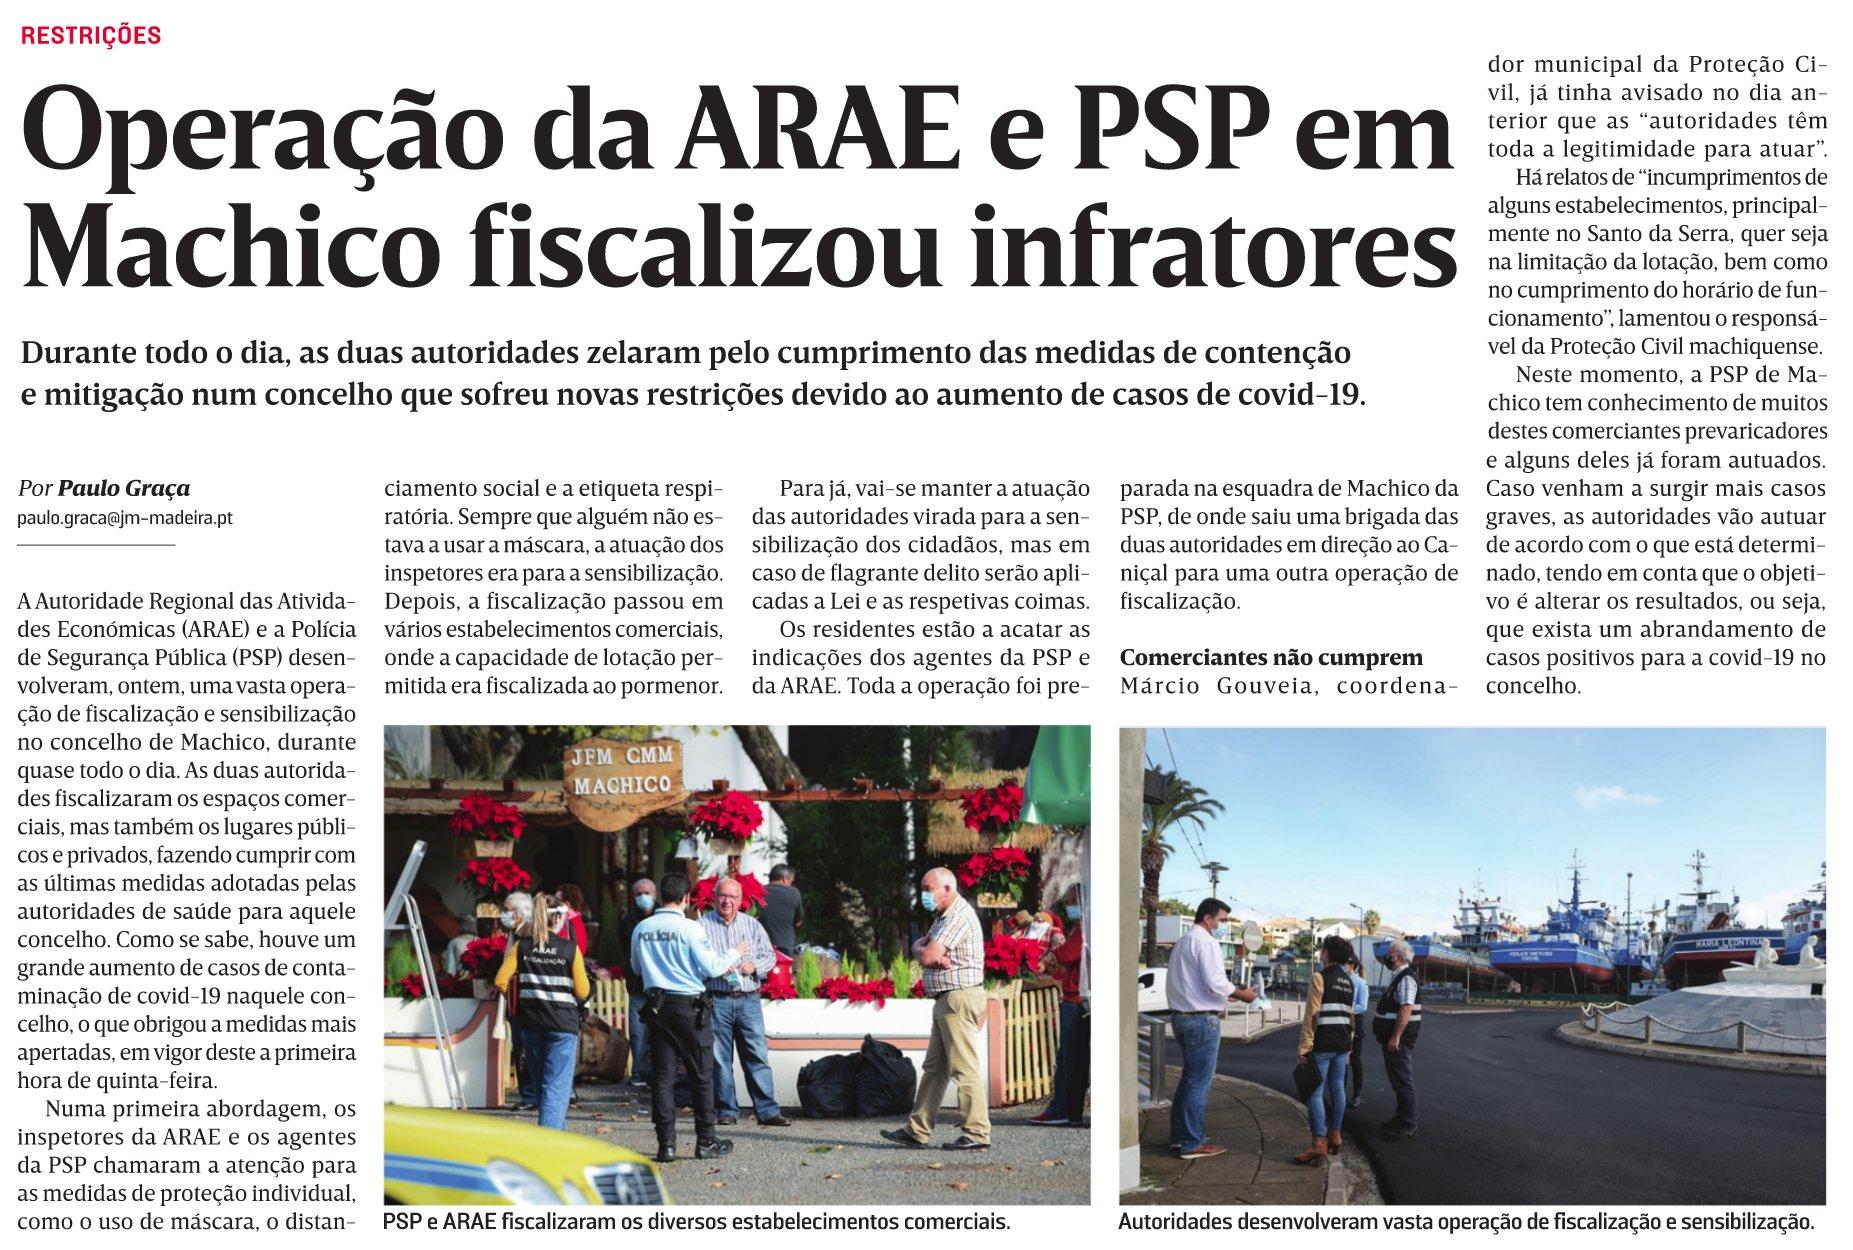 in JM-Madeira, edição de 11/12/2020